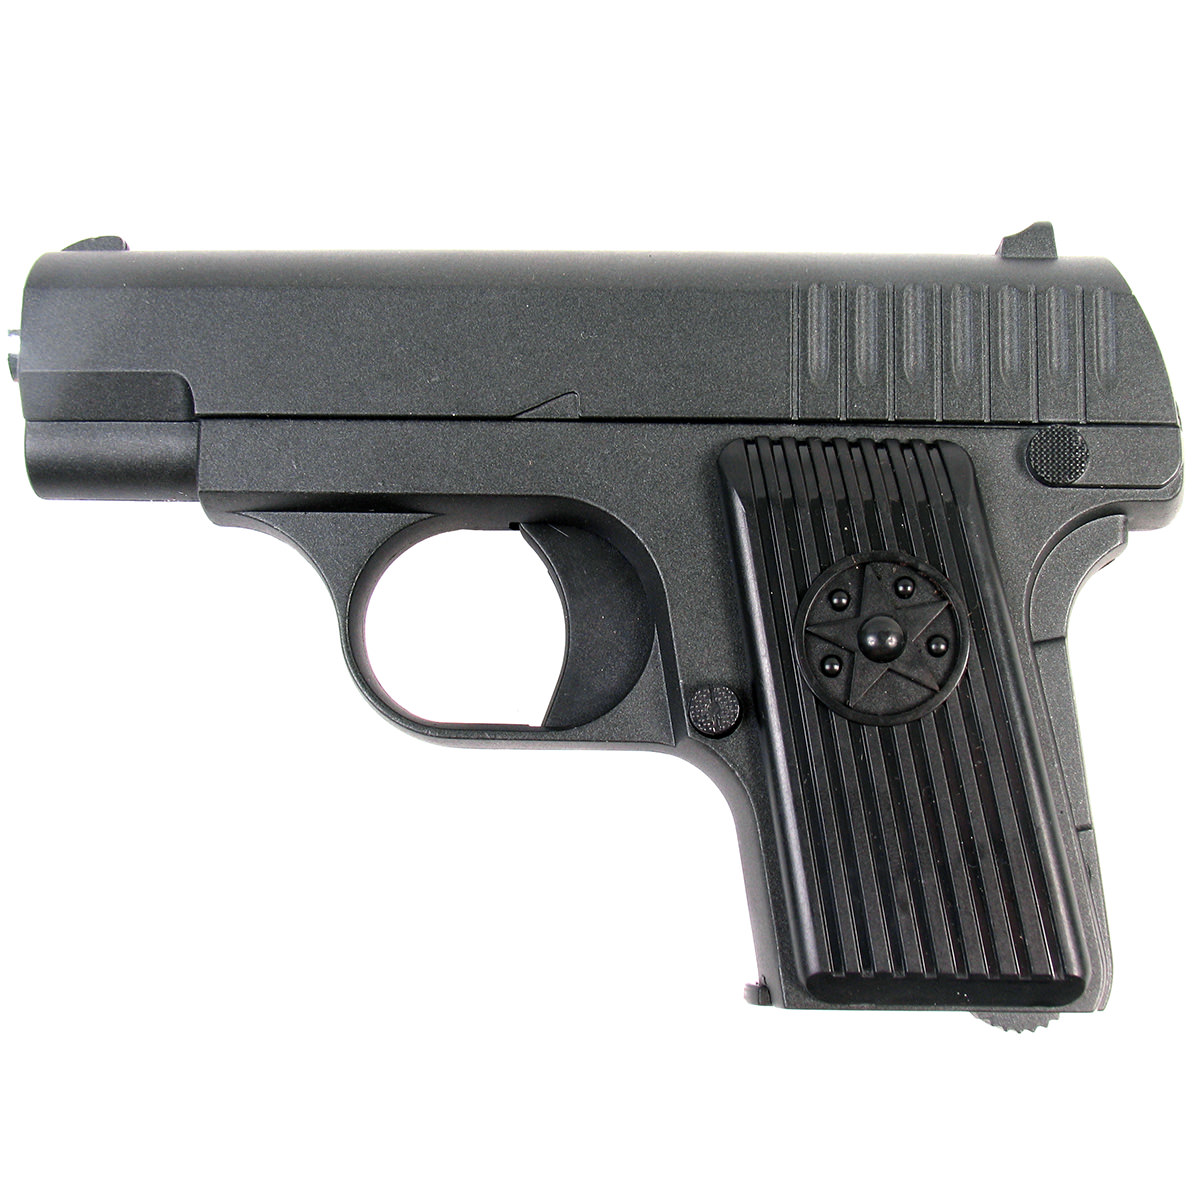 Пистолет страйкбольный Galaxy G.11, пружинный, 6 мм пистолет страйкбольный galaxy g 3 пружинный 6 мм